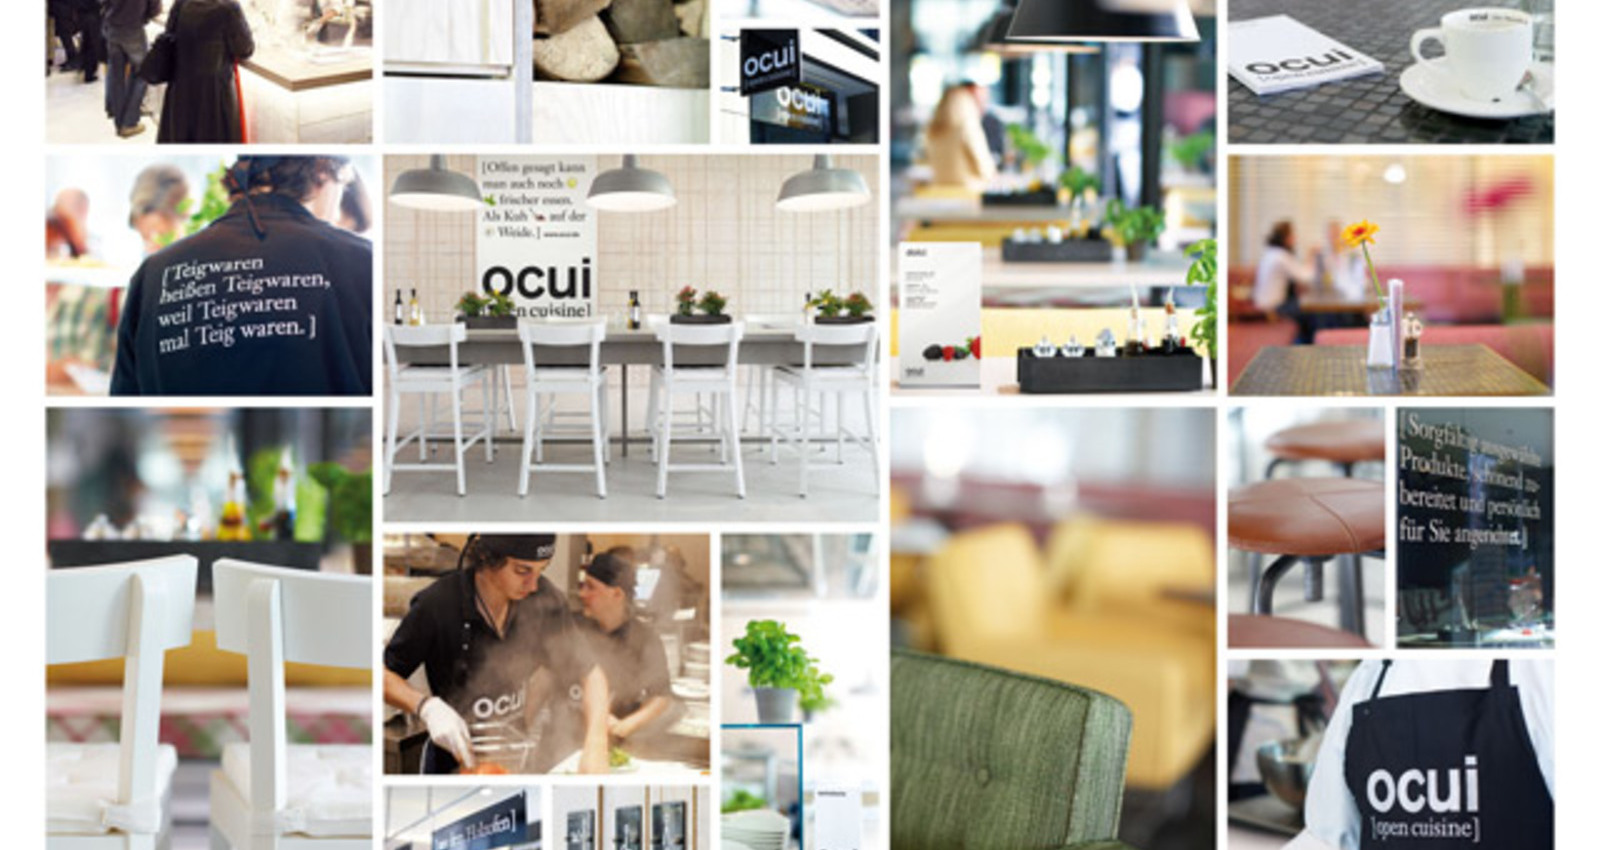 OCUI (open cuisine)